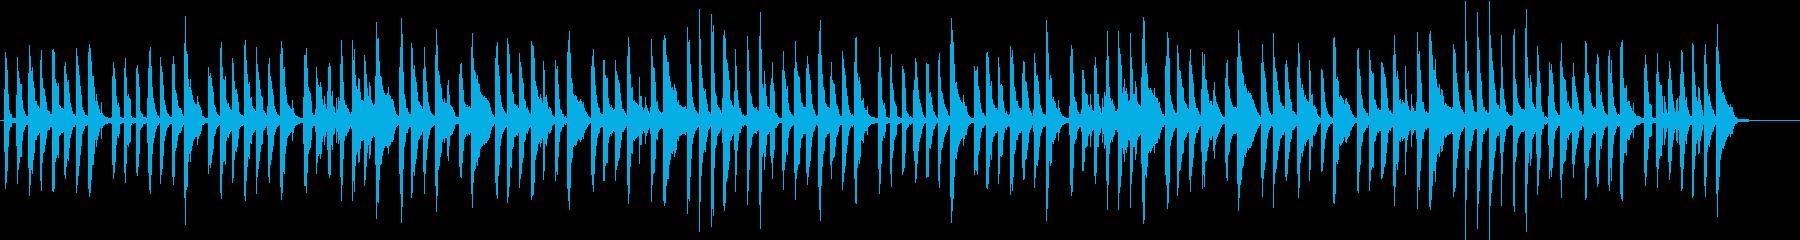 軽快でファニーでコミカルなポップチューンの再生済みの波形